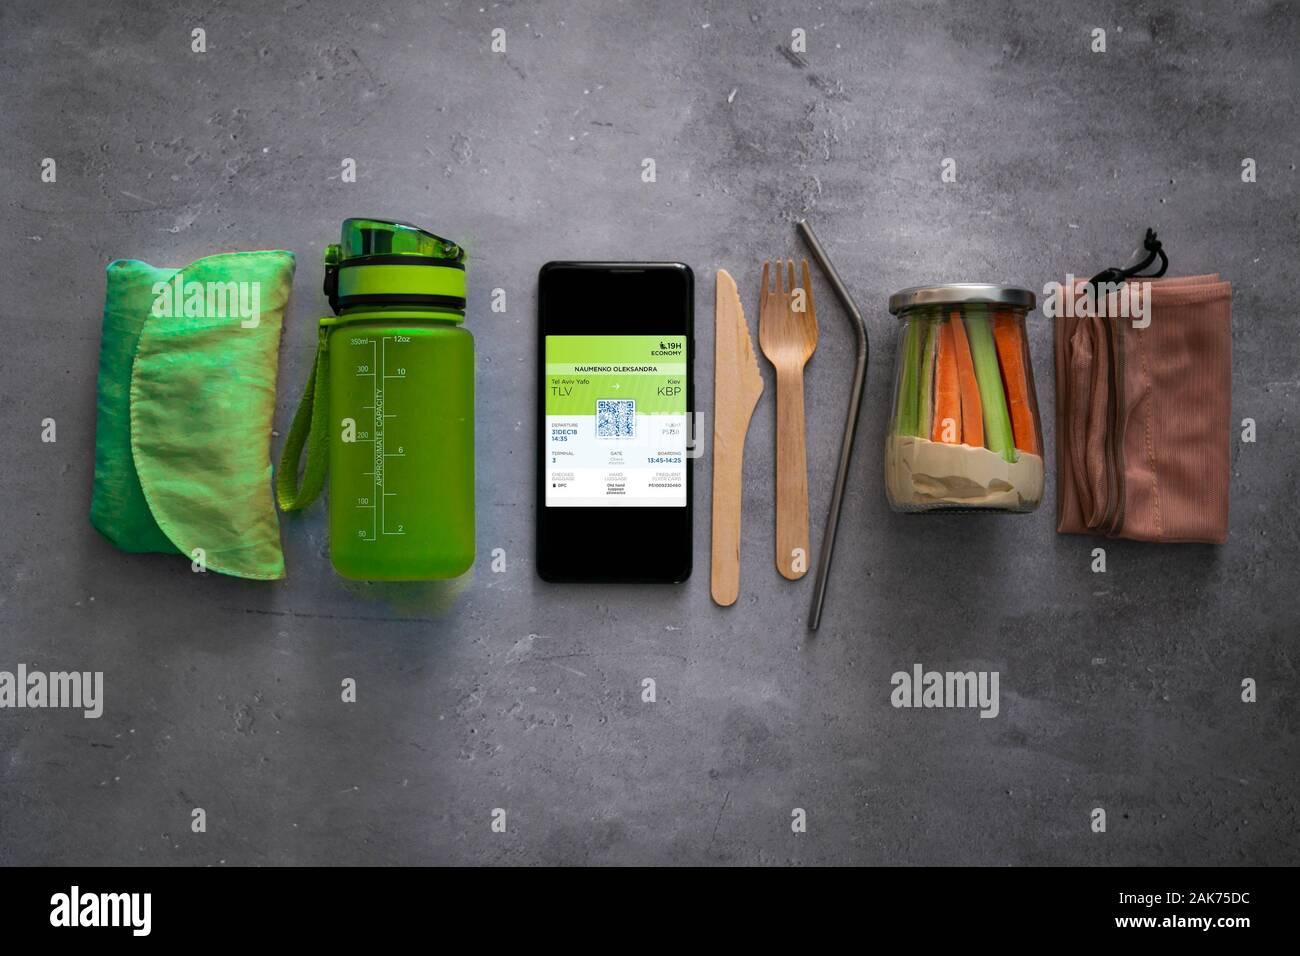 Zéro déchets travel concept - essentiel pour un minimum d'impact négatif lors d'un voyage Banque D'Images